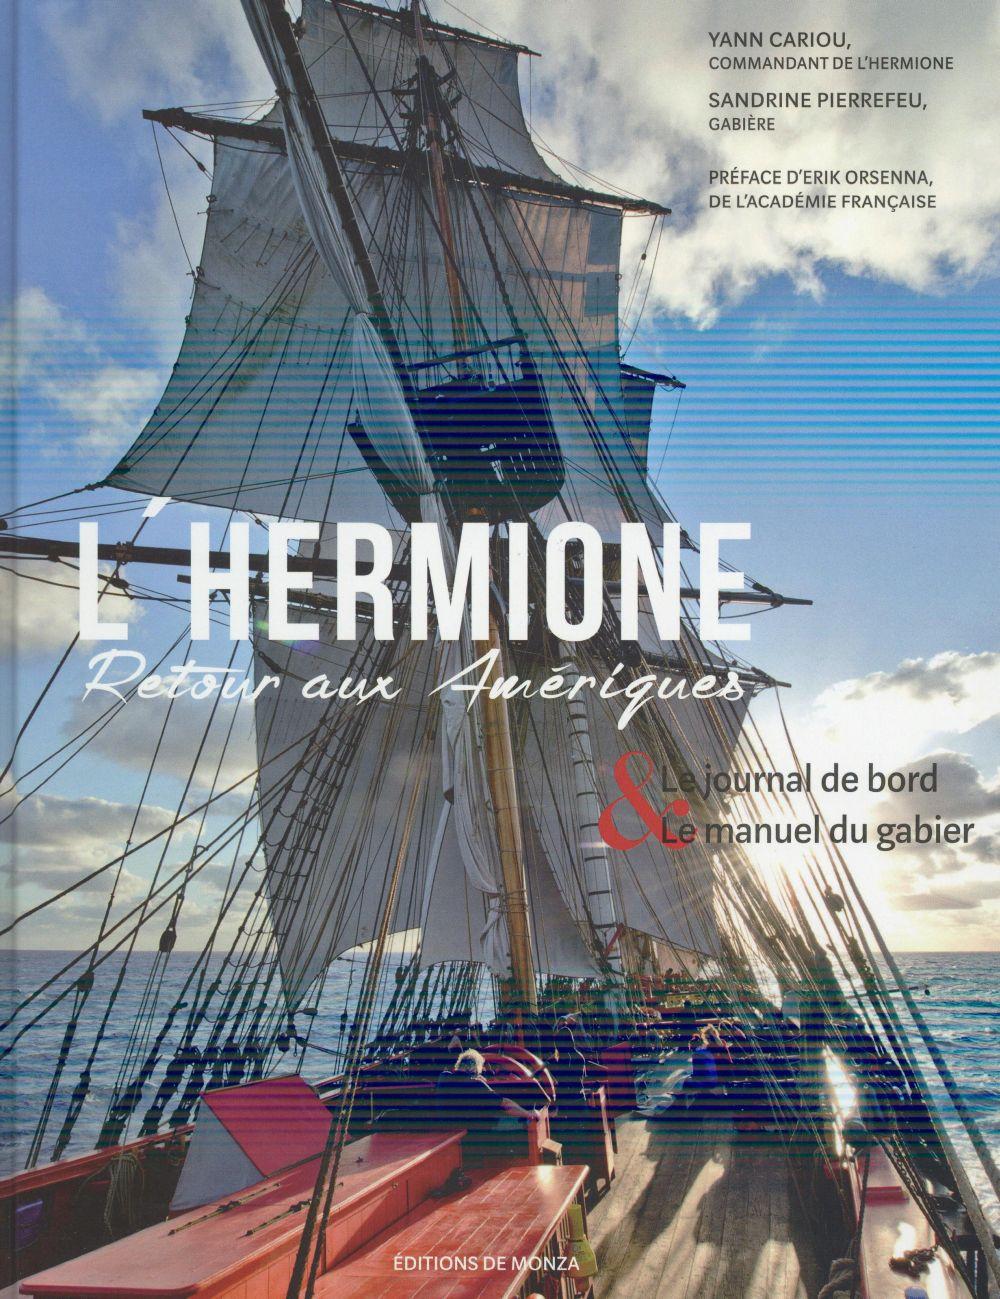 L'HERMIONE  -  RETOUR AUX AMERIQUES CARIOU YANN J.-P. de Monza